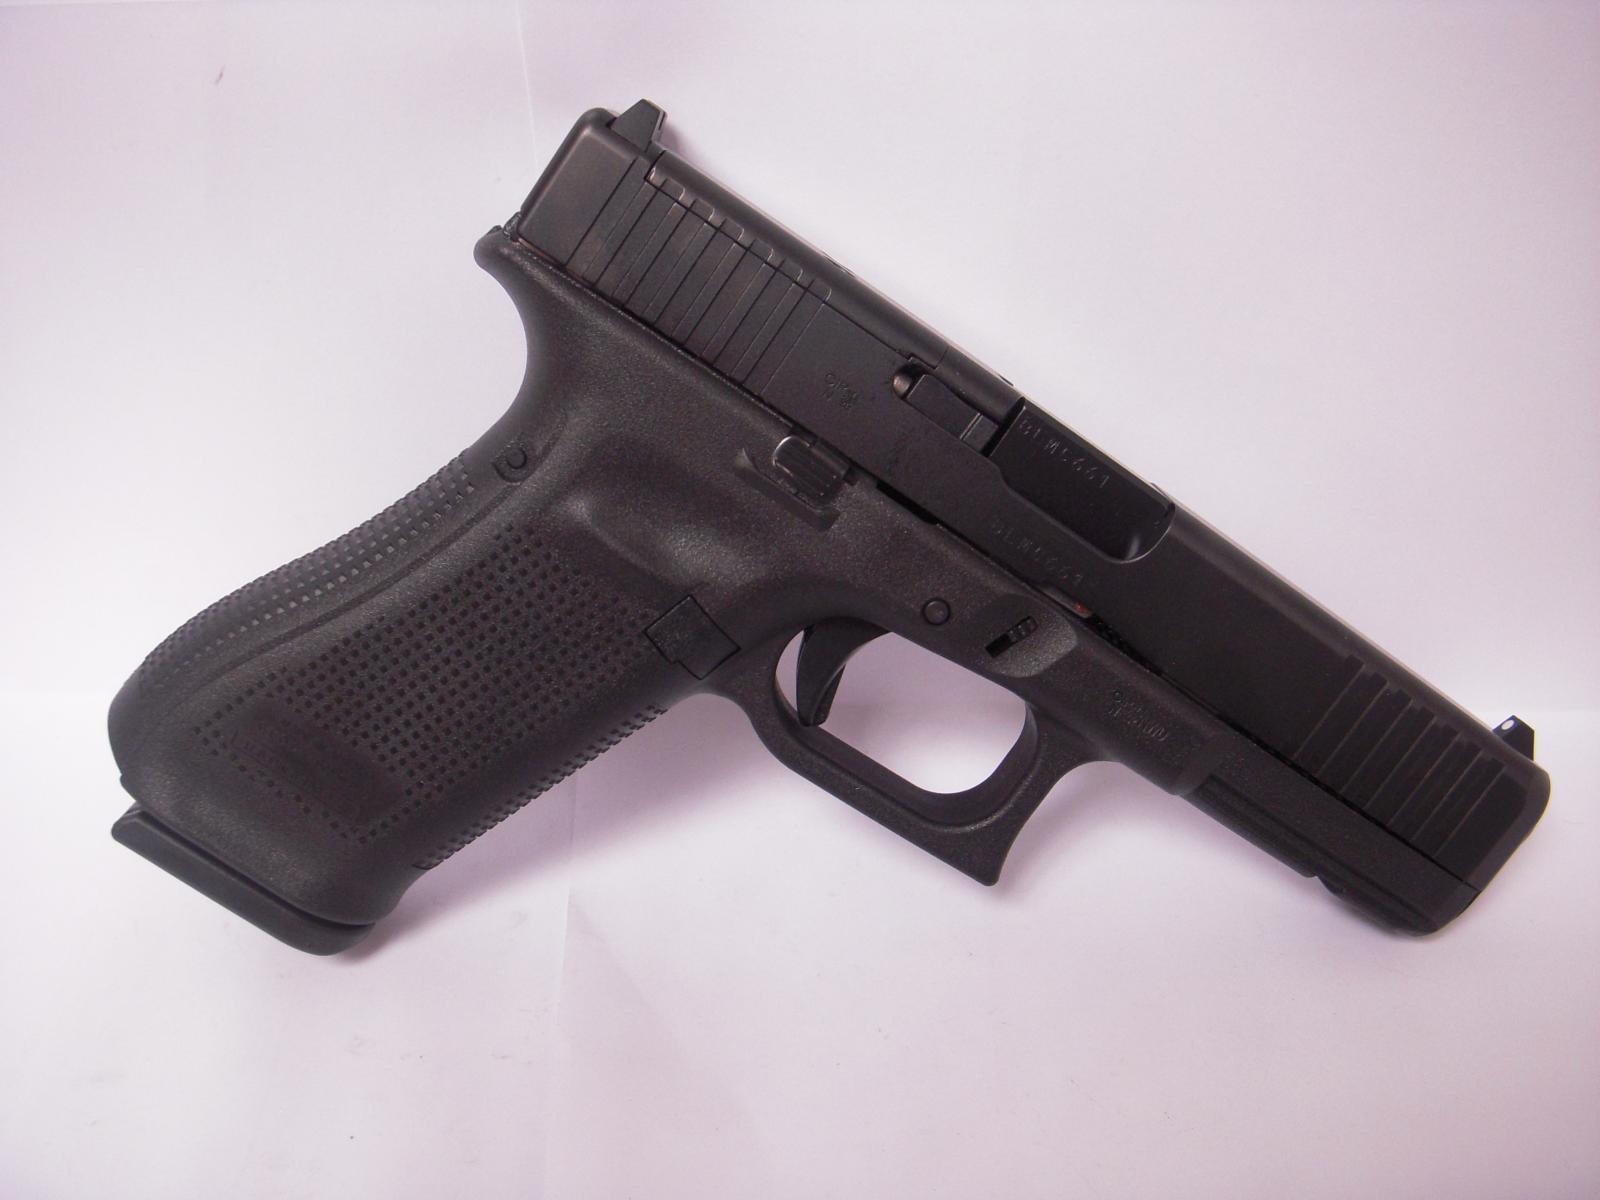 Pistolet GLOCK 17 GEN 5 MOS Cal. 9x19 mm